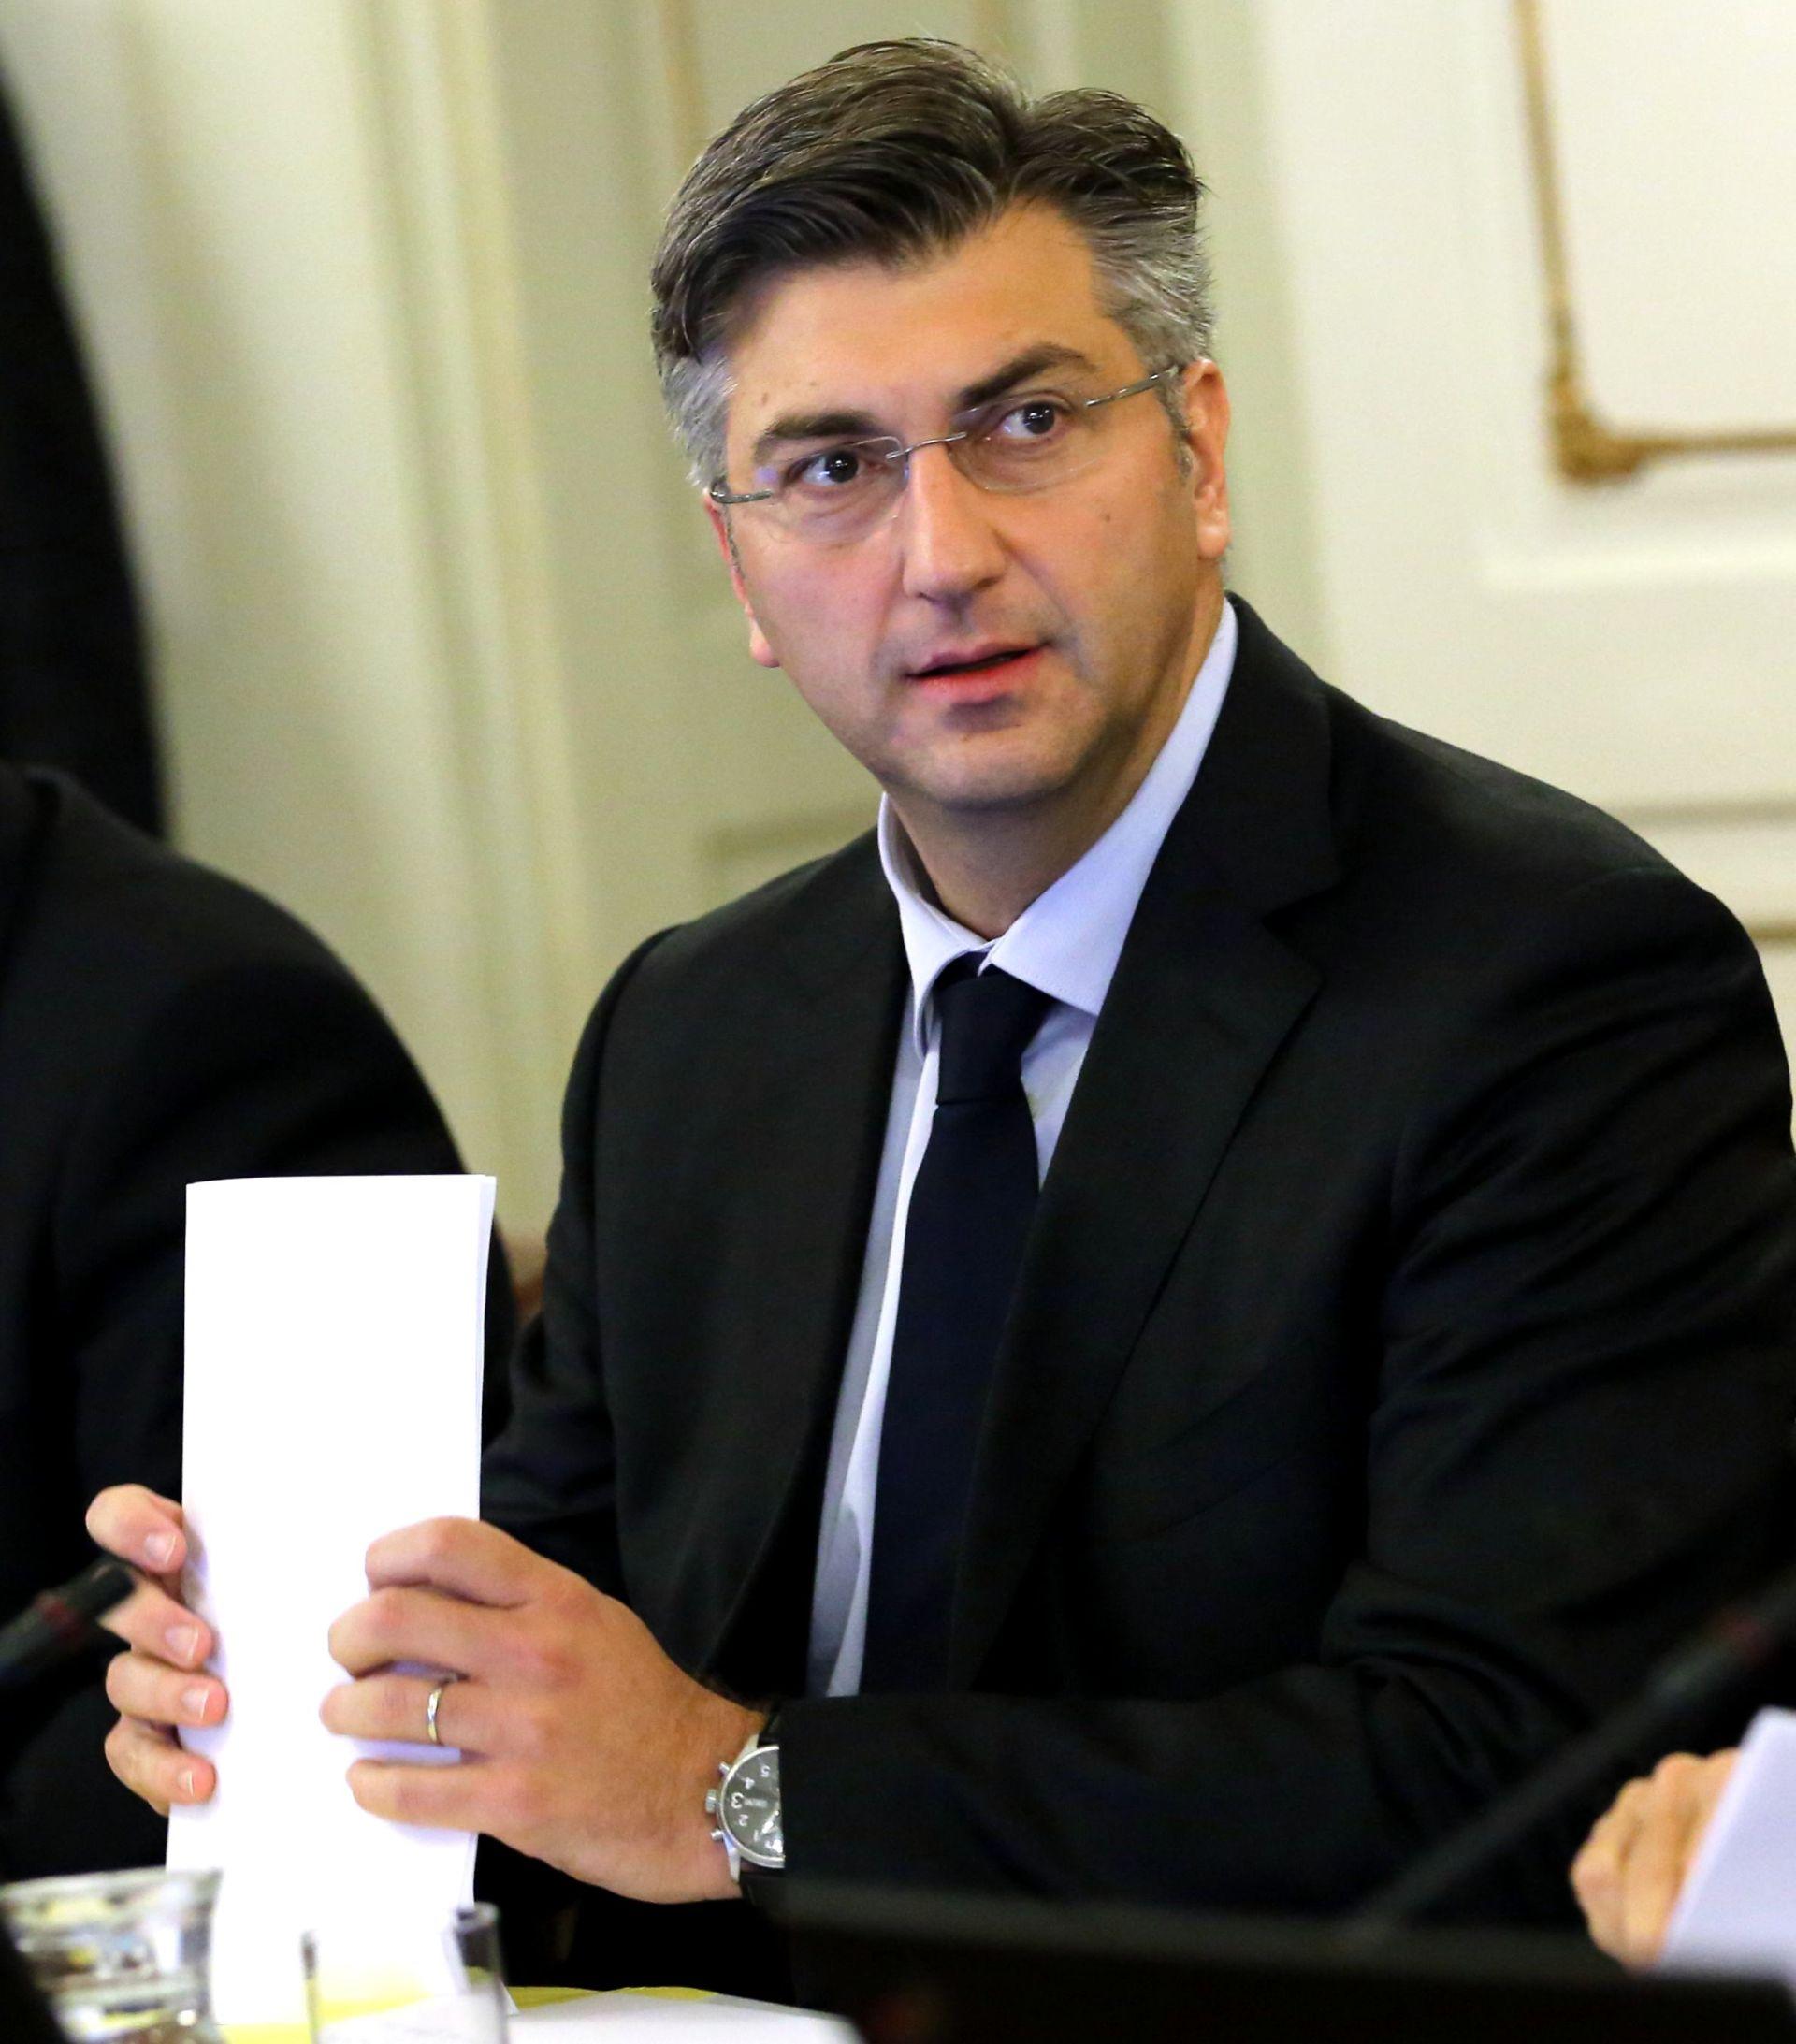 PLENKOVIĆ NA VIROEXPO-u: 'Projekt Slavonija jedan od ključnih ciljeva Vlade'